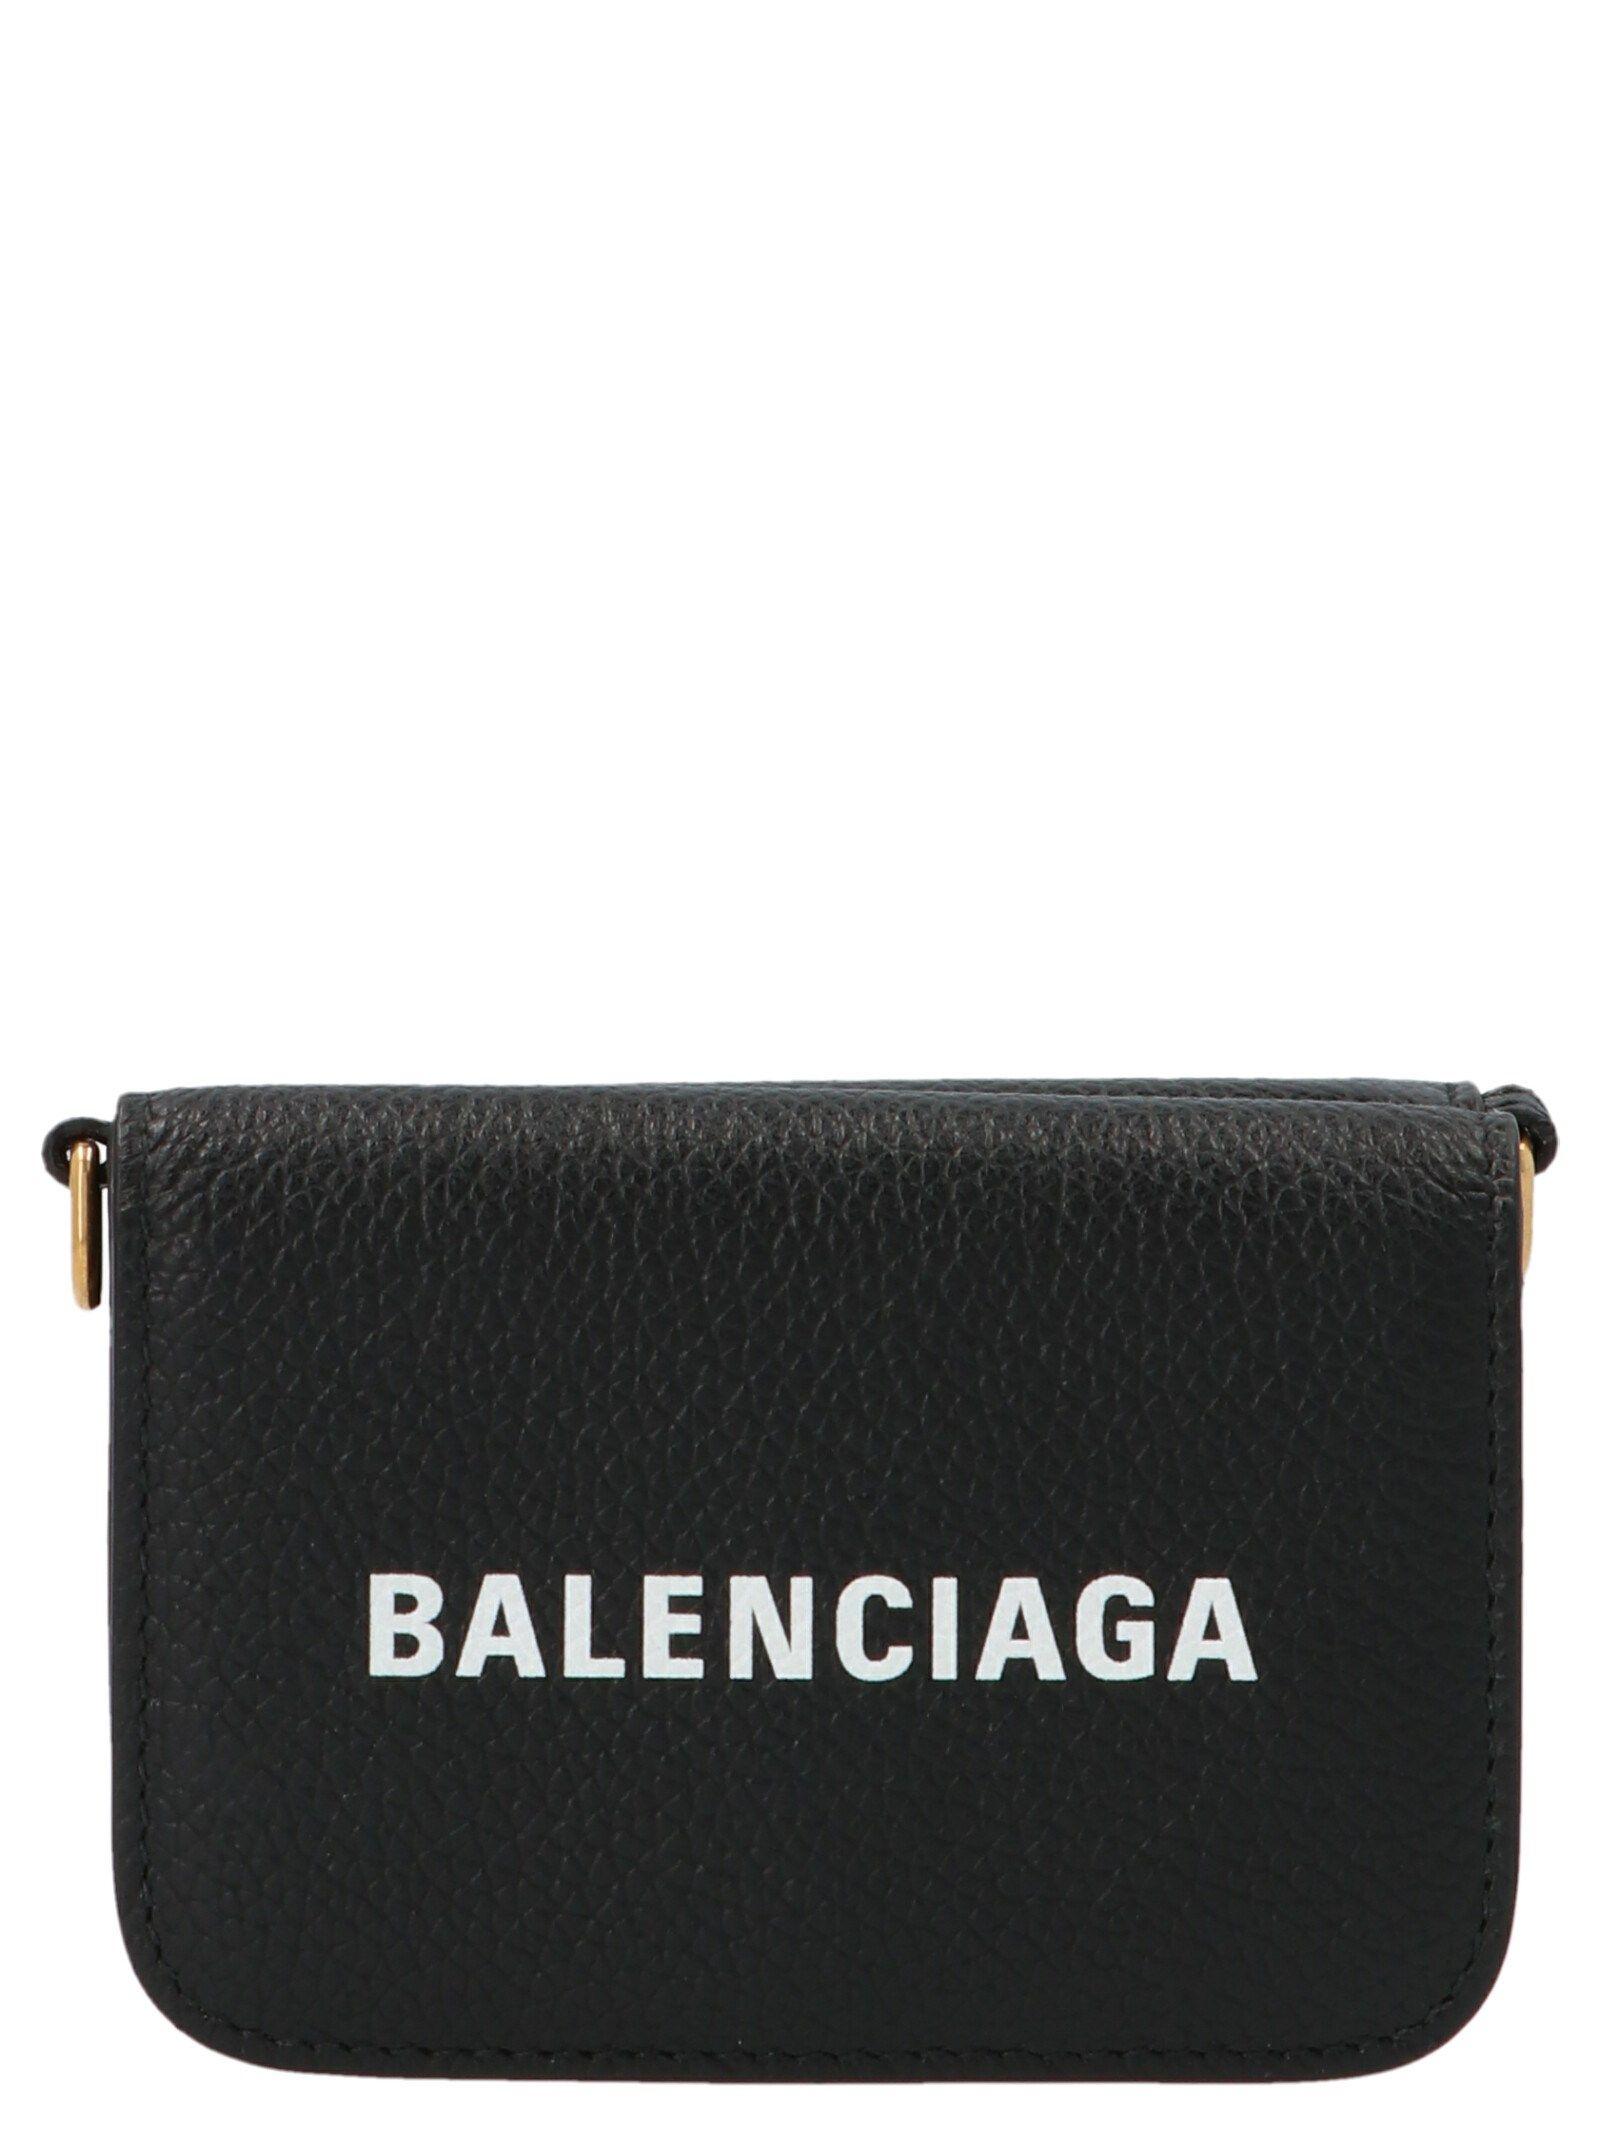 Balenciaga BALENCIAGA WOMEN'S BLACK OTHER MATERIALS SHOULDER BAG